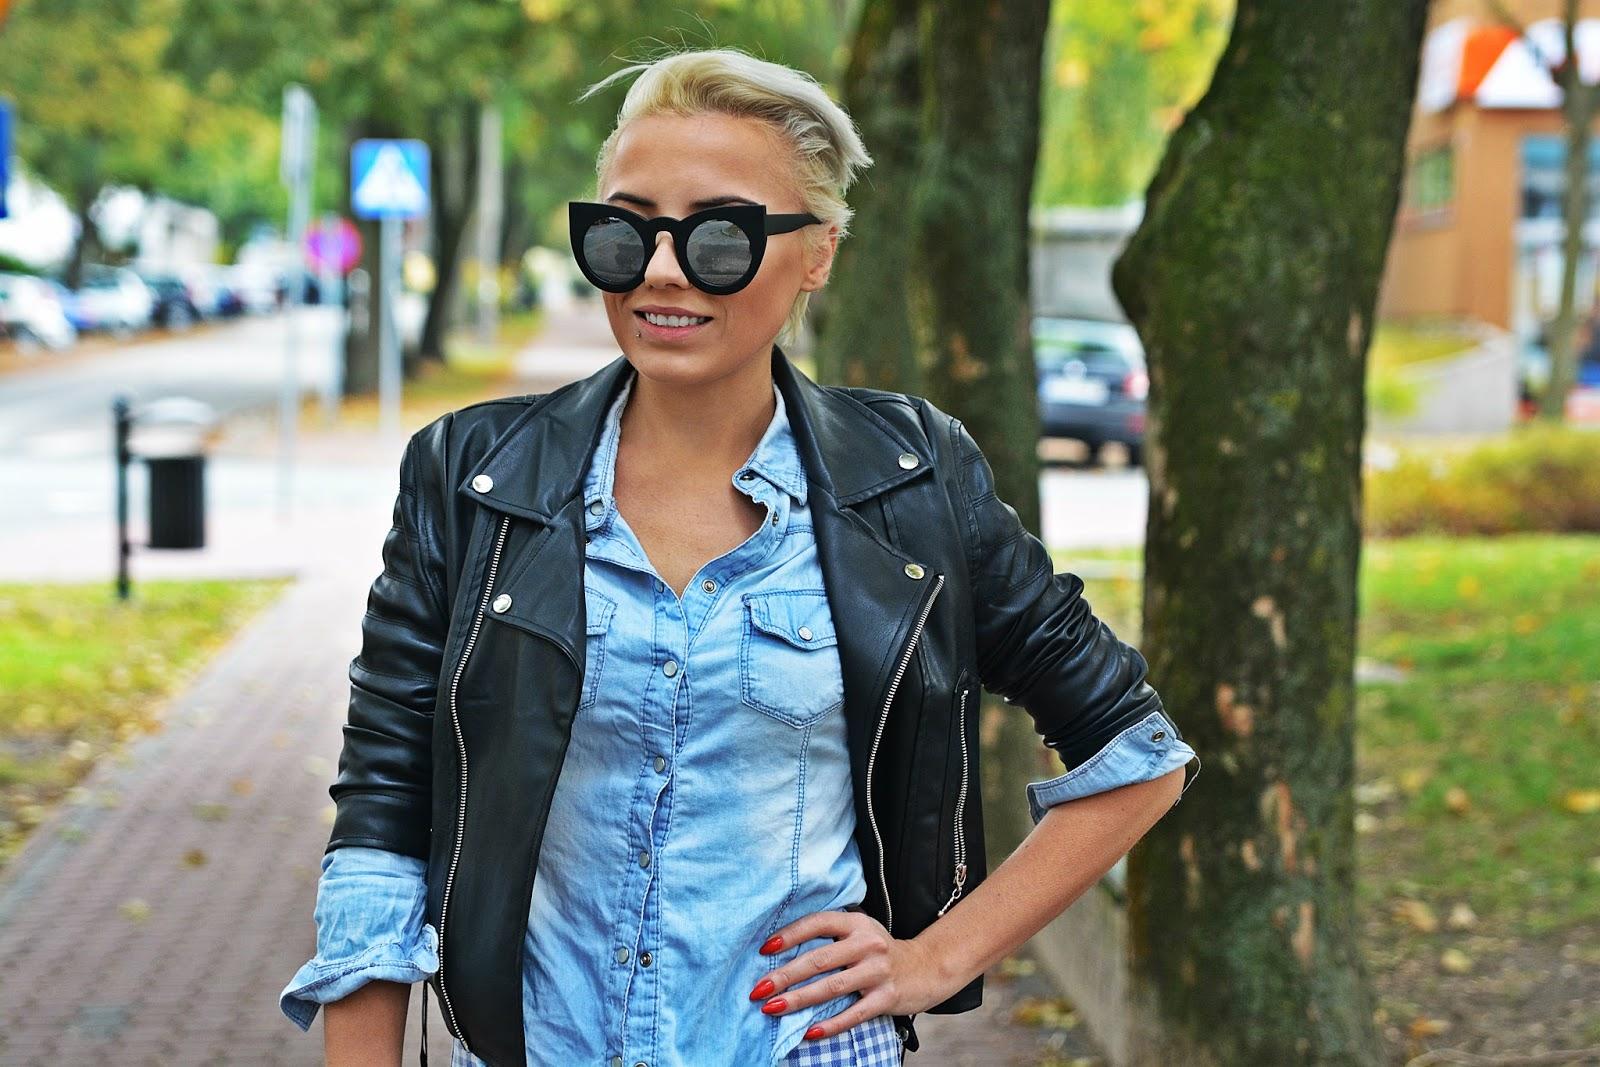 niebieskie_spodnie_ramoneska_czarna_kocie_okulary_13